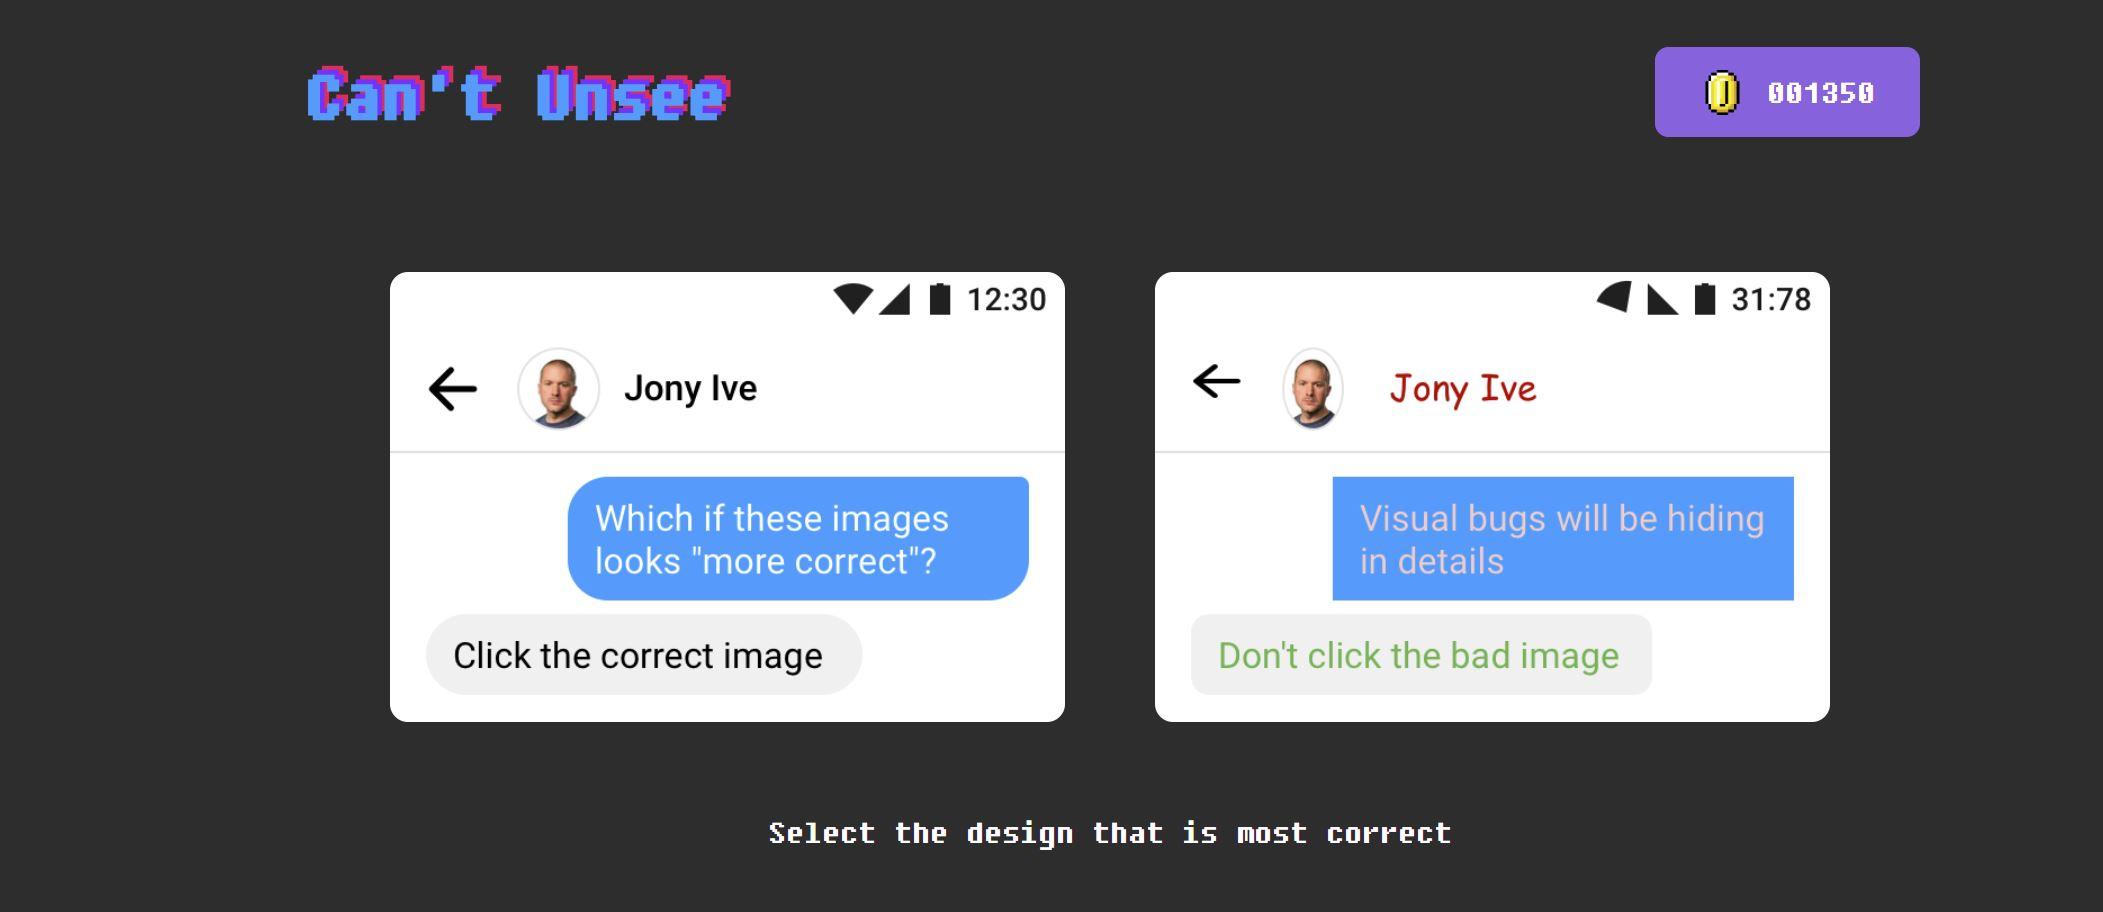 pouvez vous reconna tre une bonne interface utilisateur d couvrez le avec ce test tech. Black Bedroom Furniture Sets. Home Design Ideas